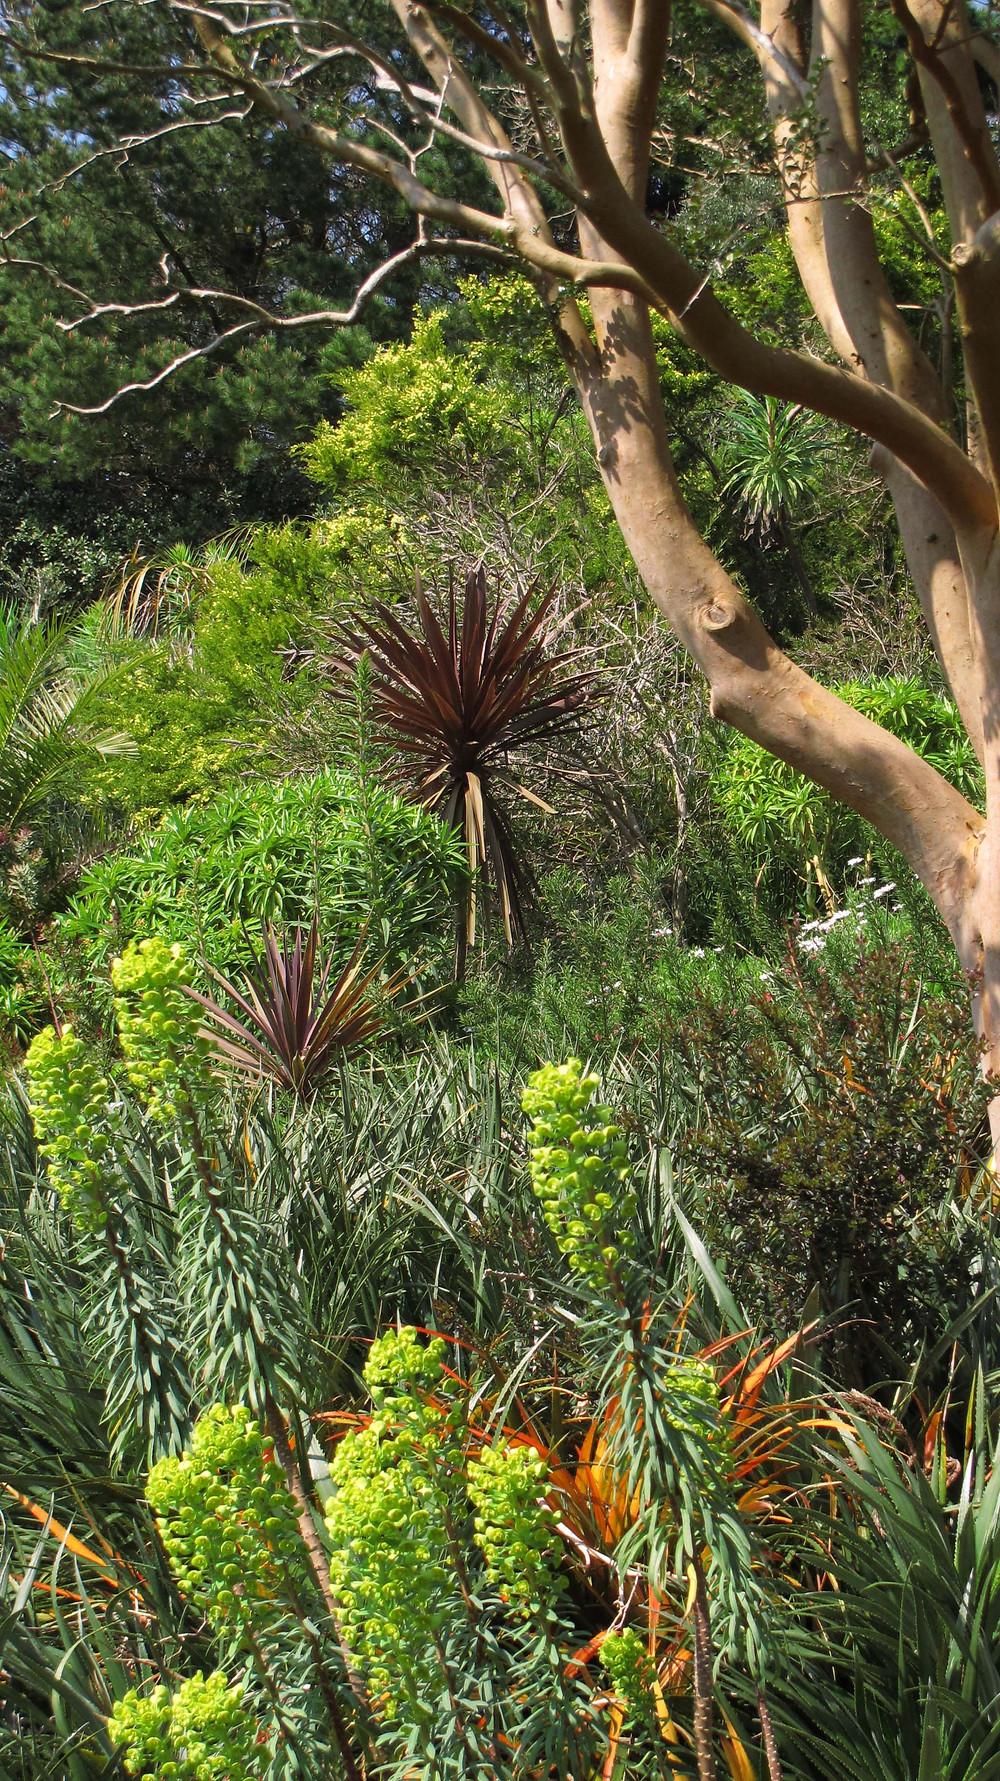 mediterannean plants, euphorbia, phormium, myrtle, devon garden